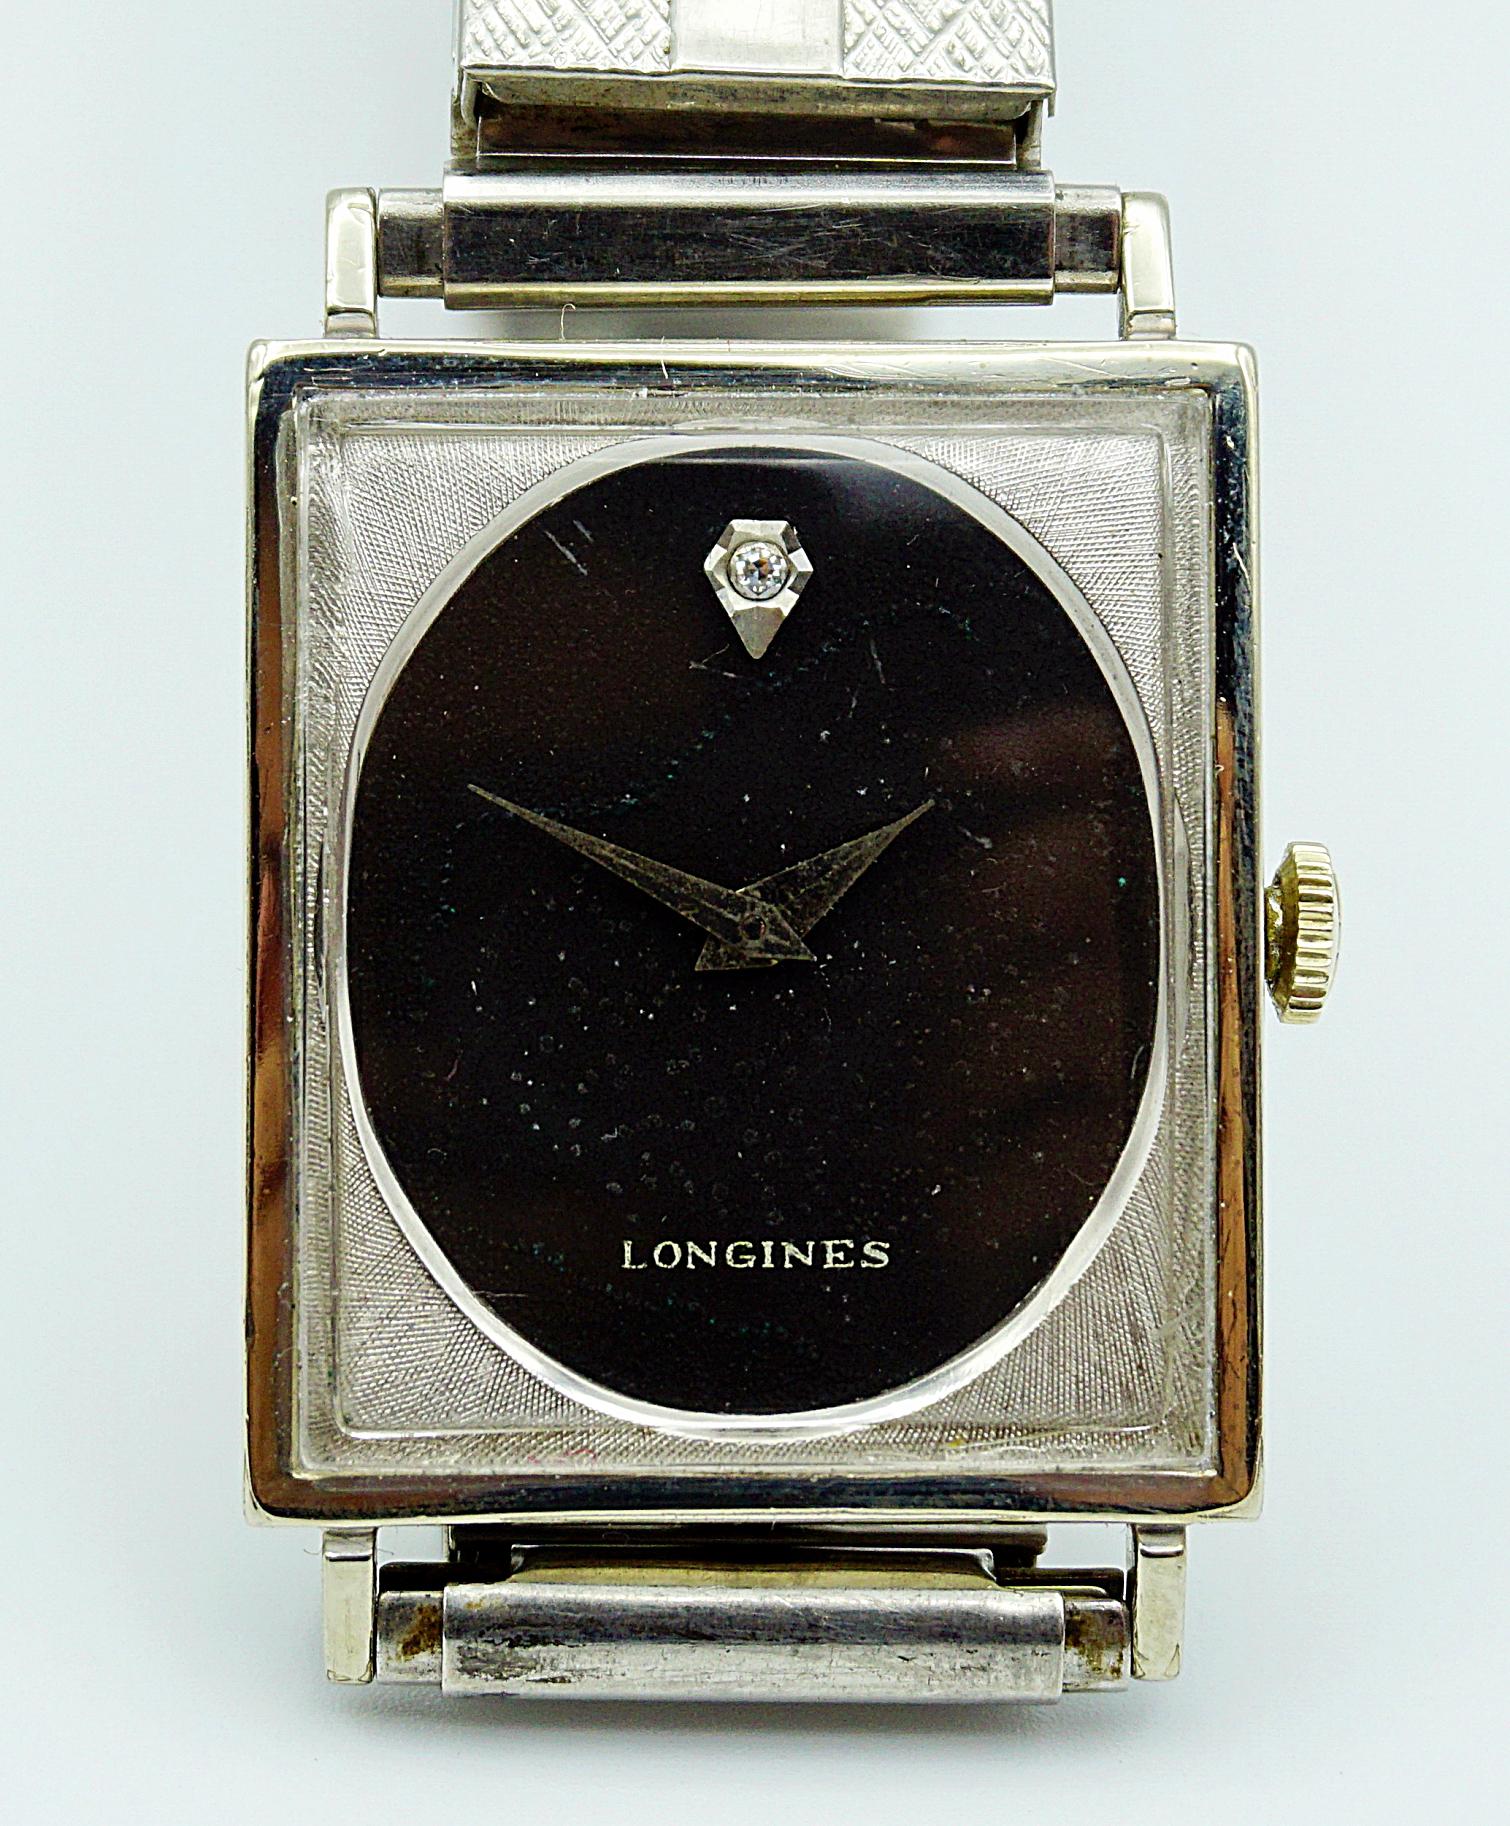 นาฬิกาเก่า LONGINES ไขลาน